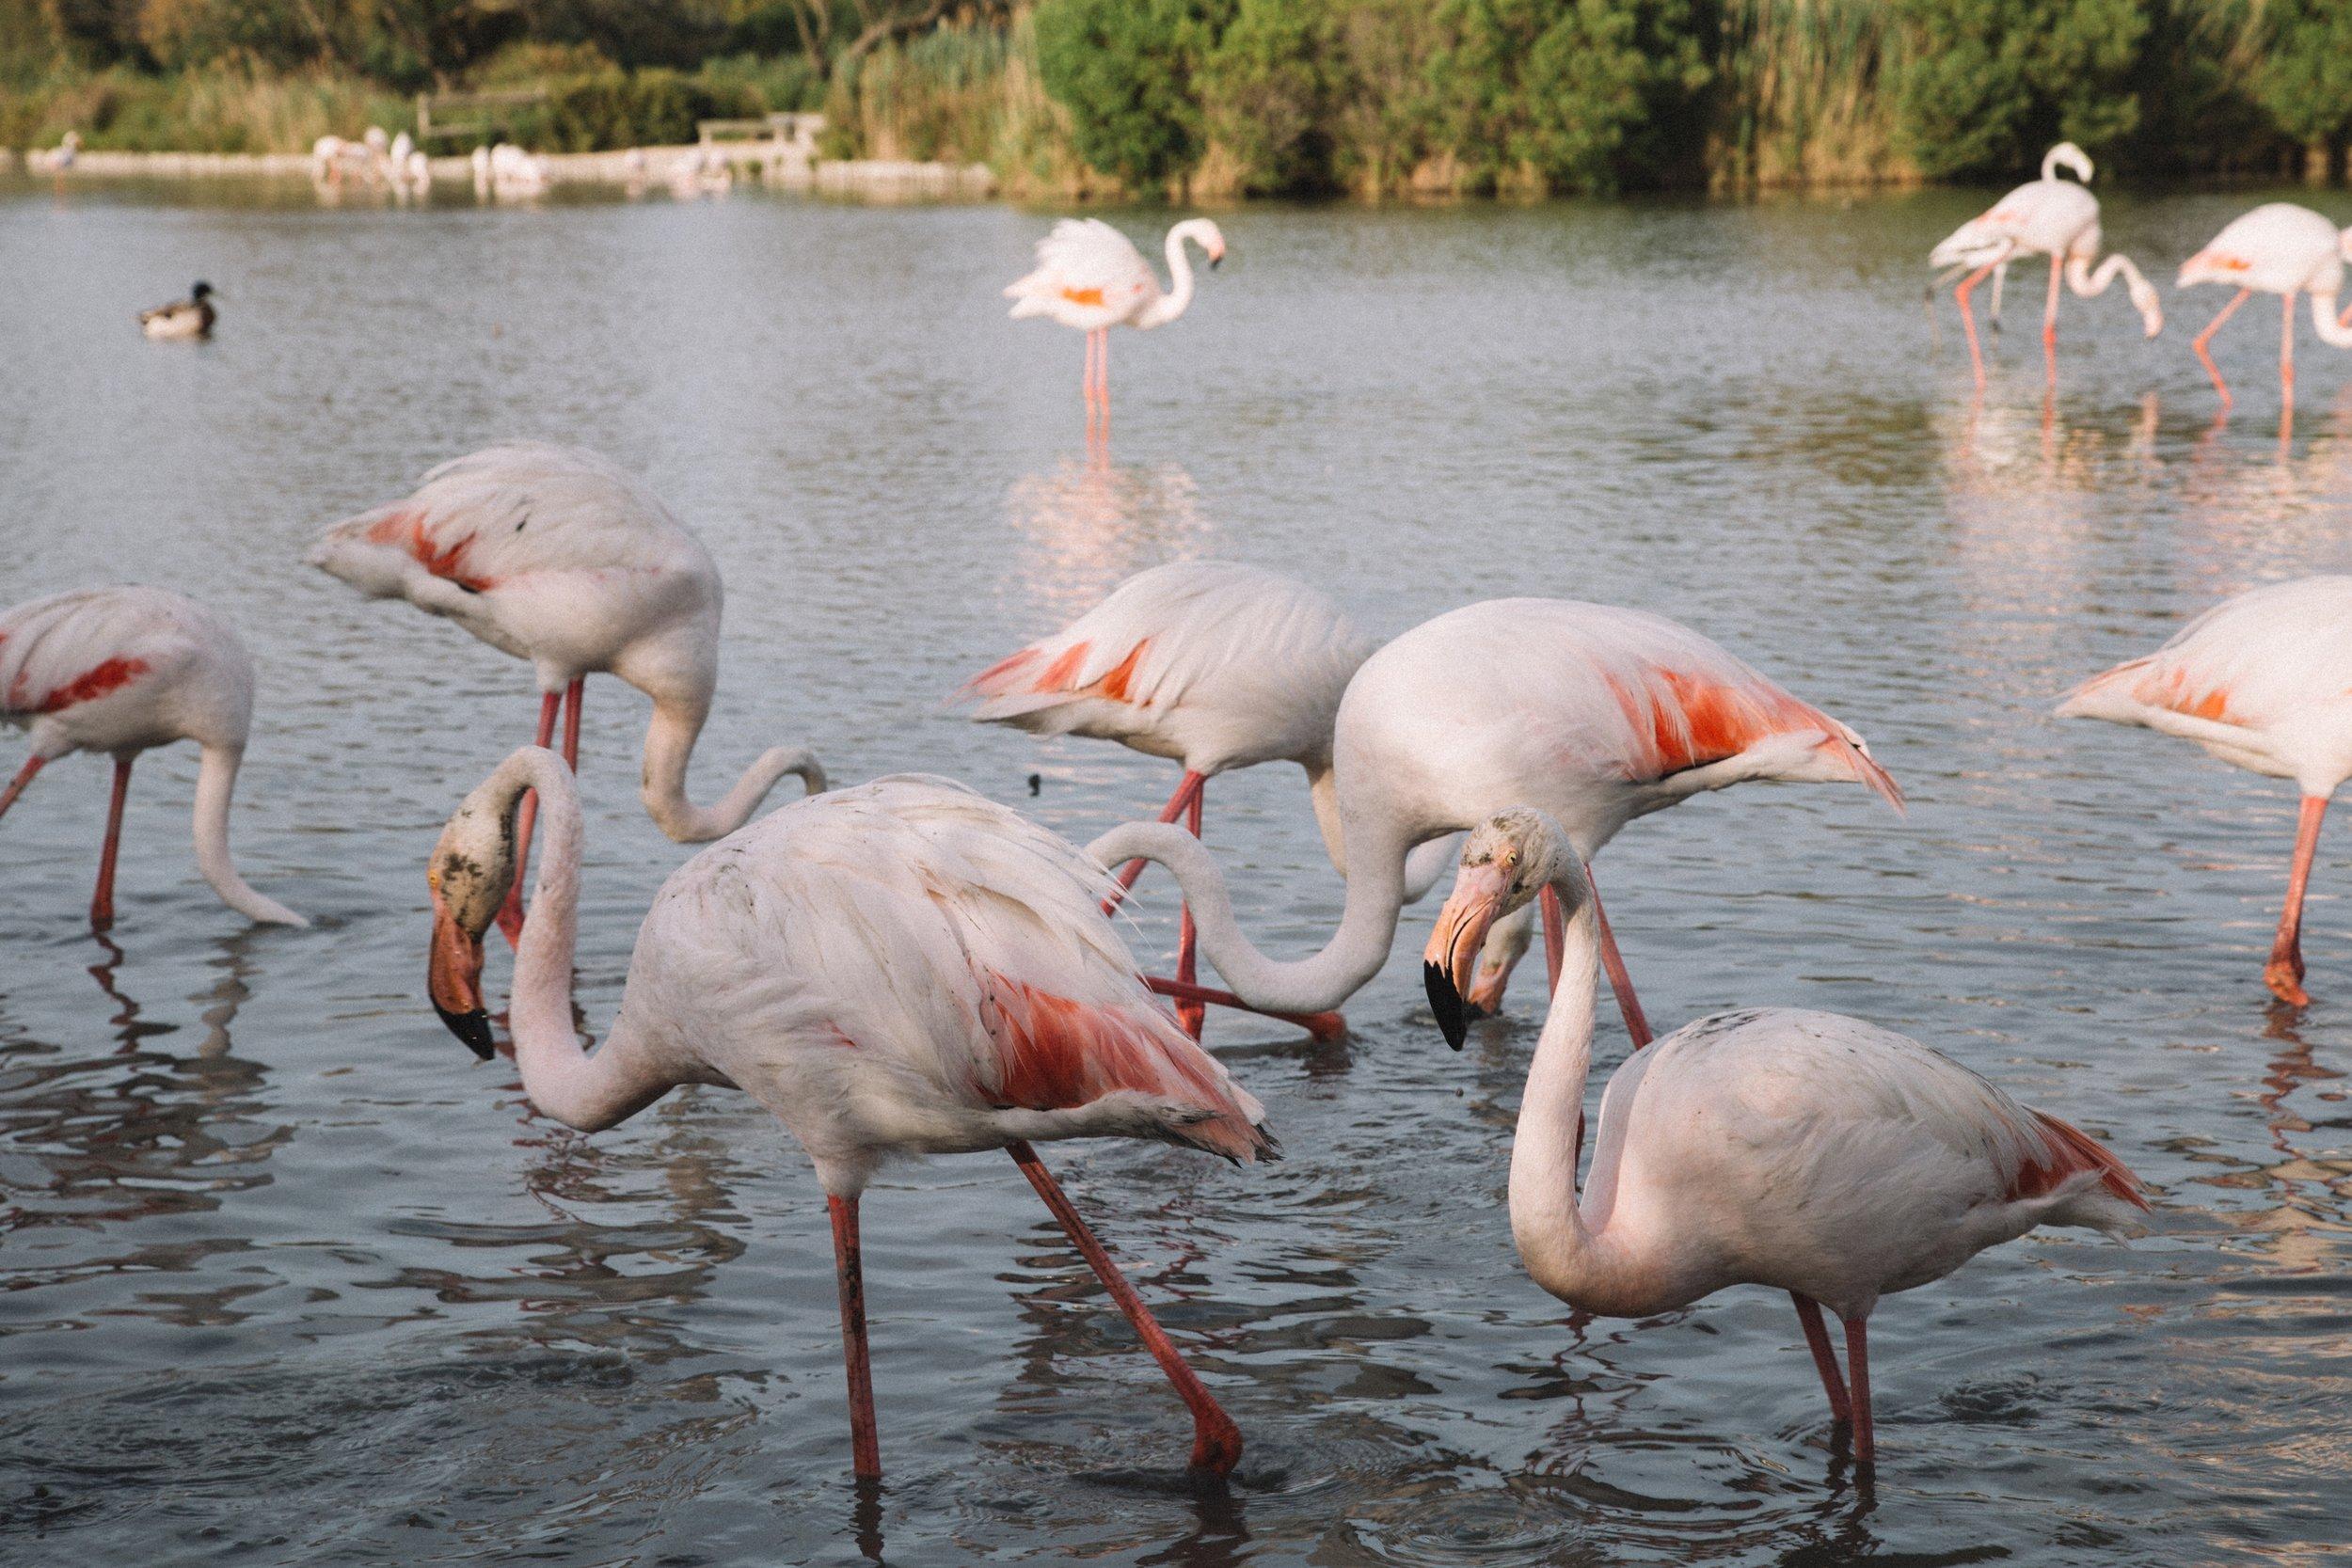 Pont-de-gau-parc-ornithologique-flamantsroses-.jpg